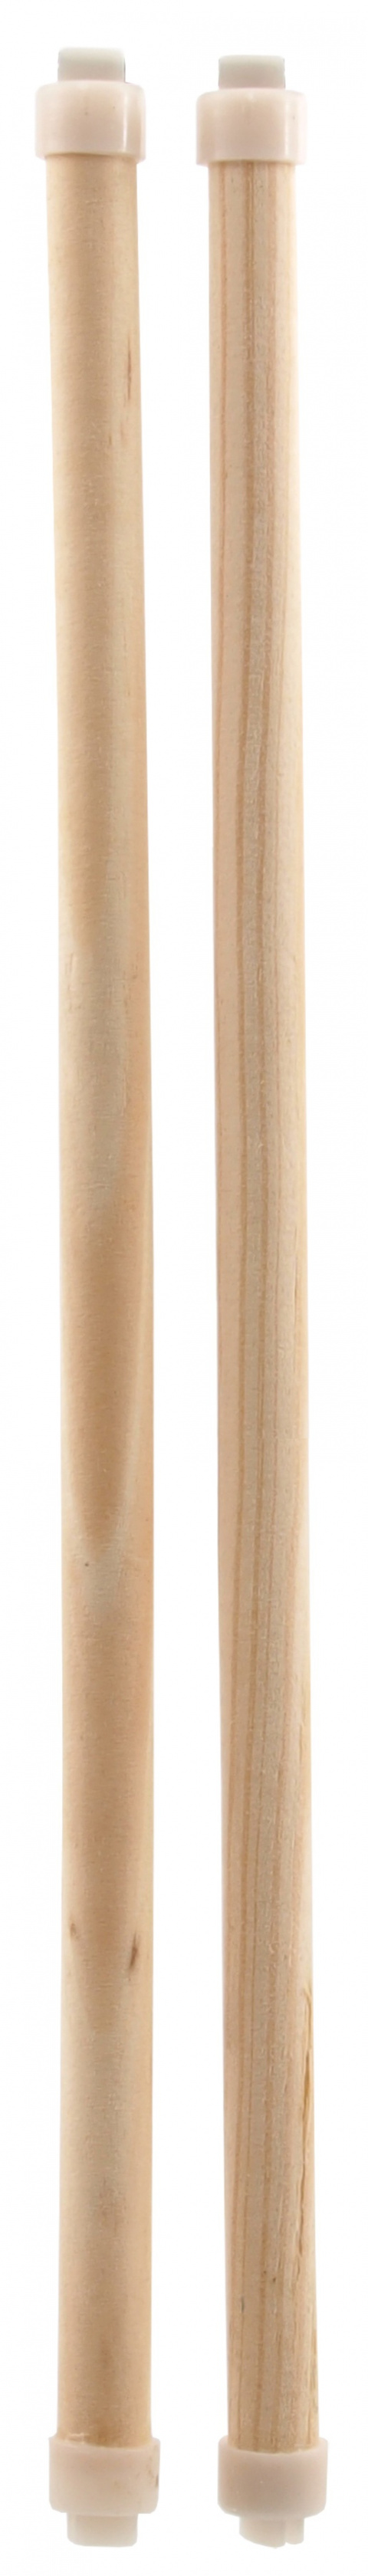 Koka laktas putniem - BIRD JEWEL  61 cm (2 ks)